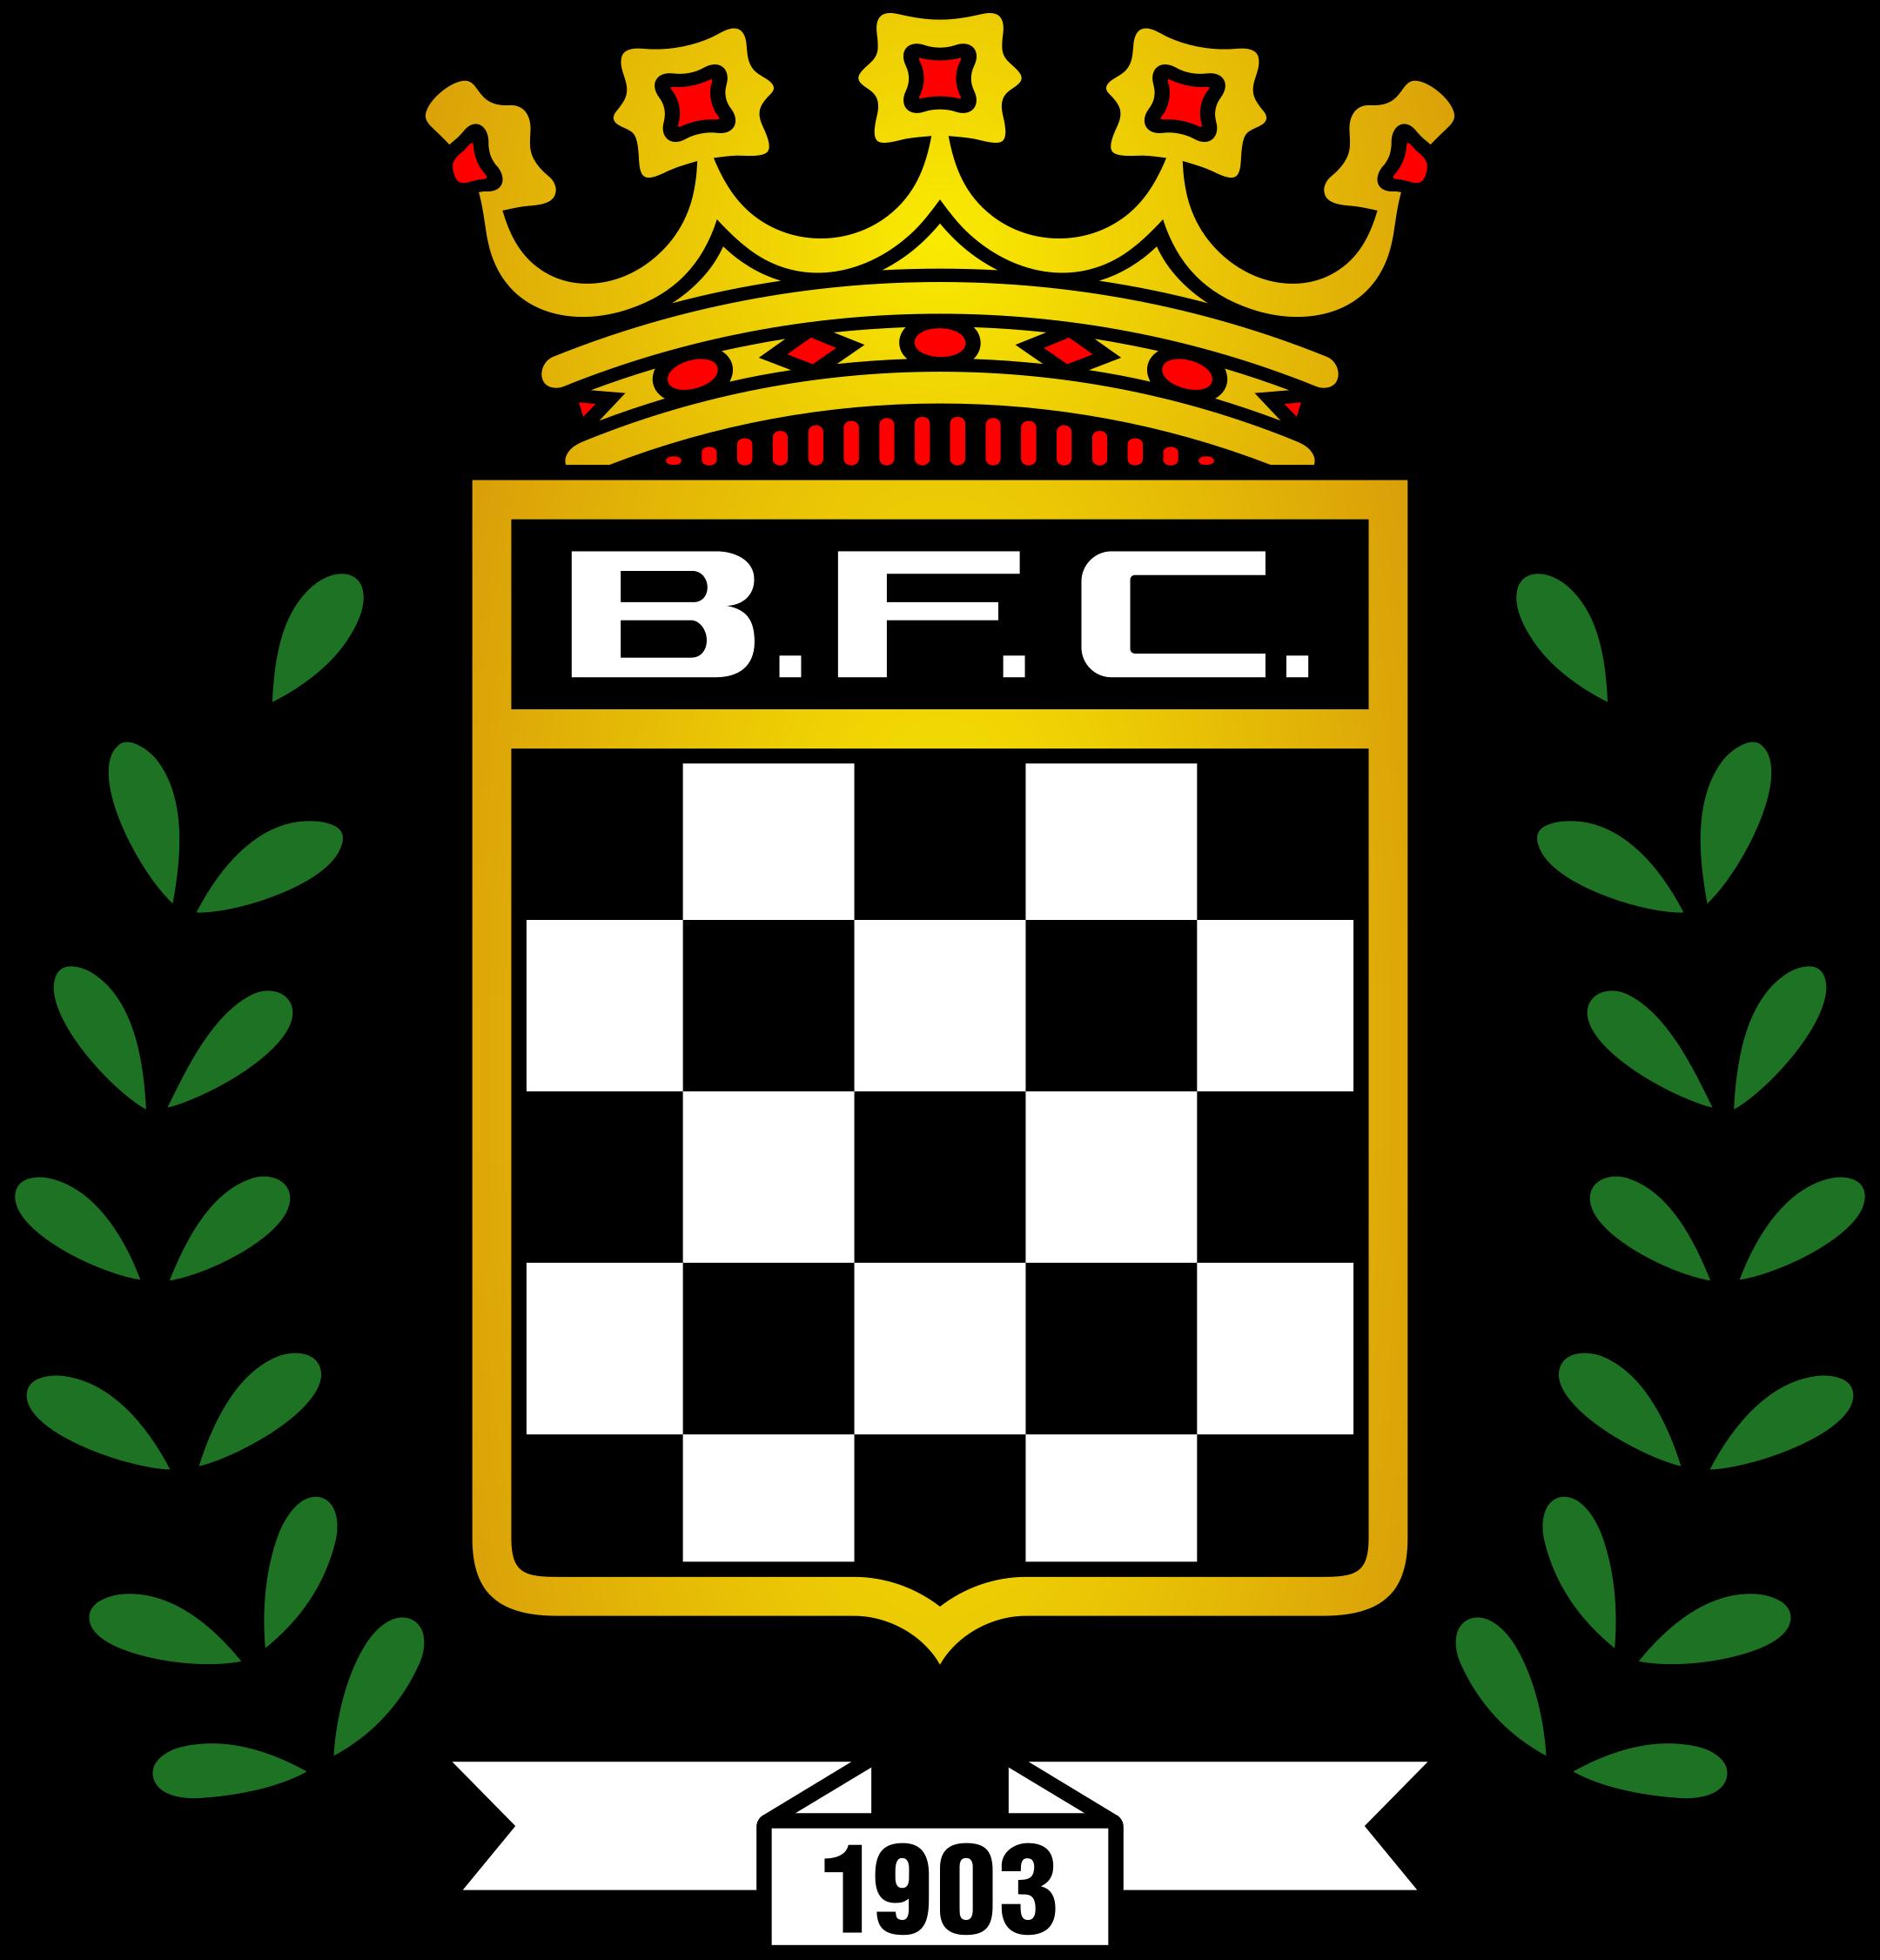 boavista fc logo 1 - Boavista FC Logo